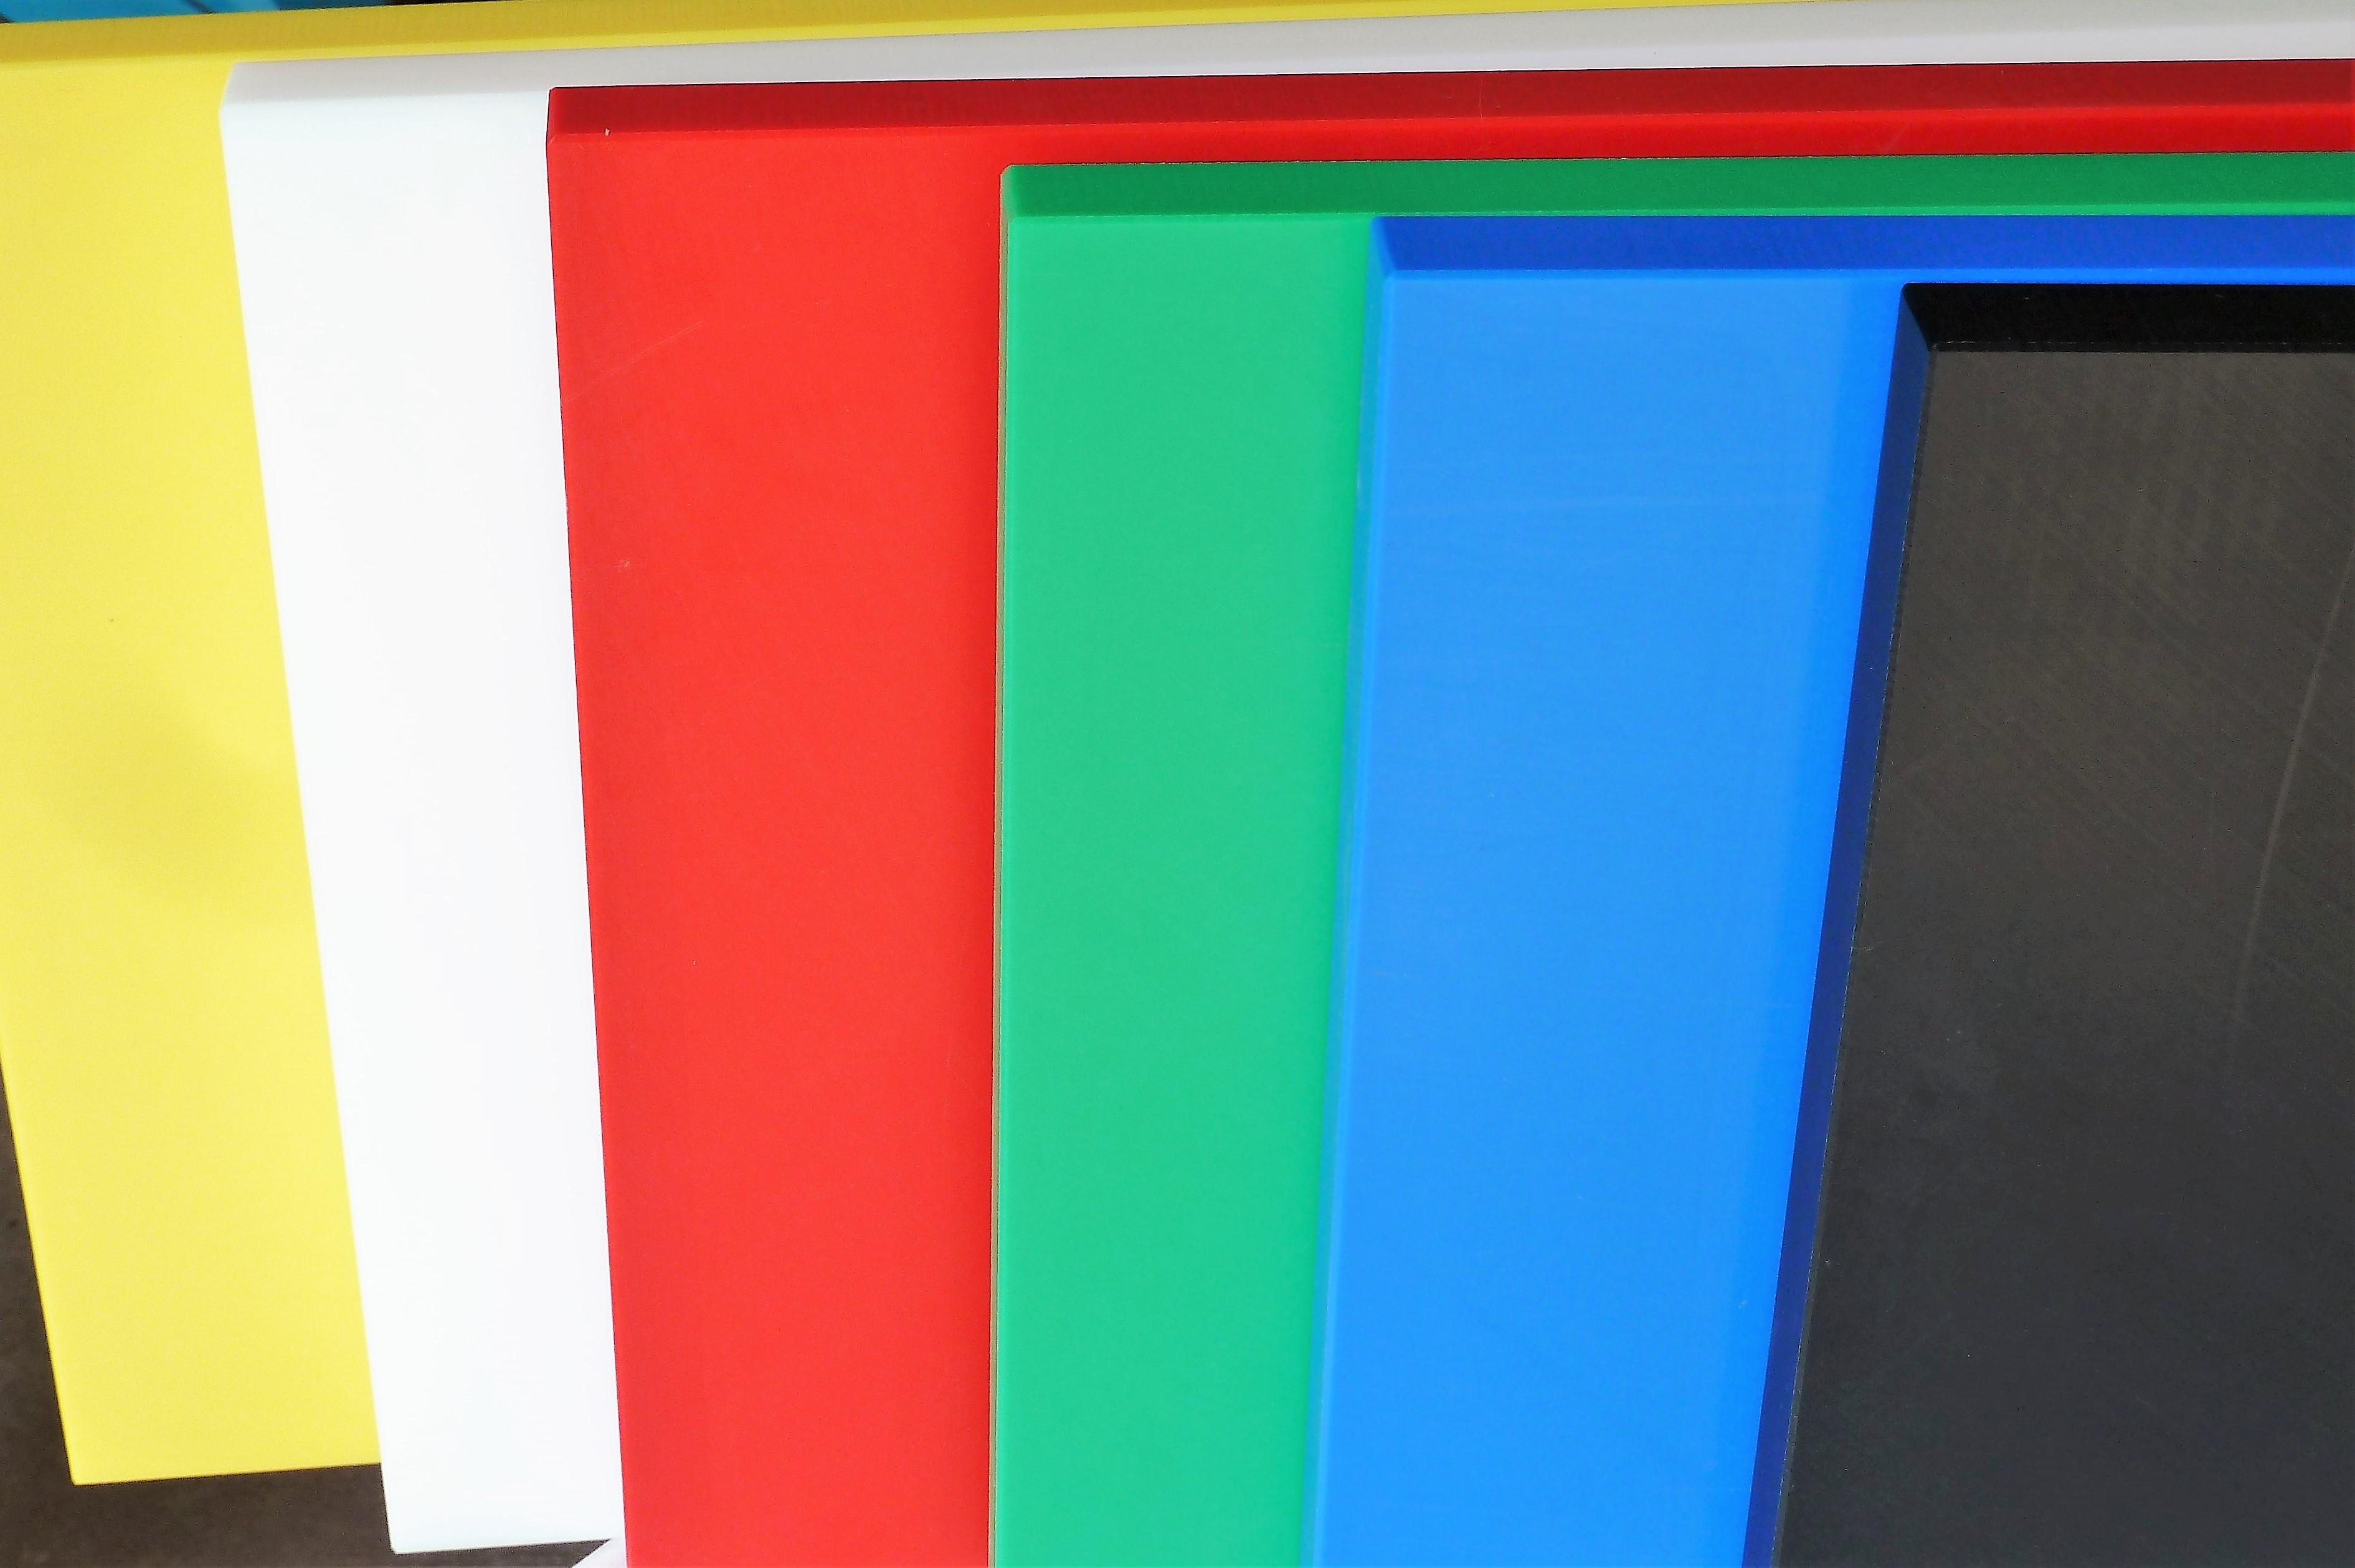 Schneidplatte für Arbeits- u. Zerlegetische  T 3 cm